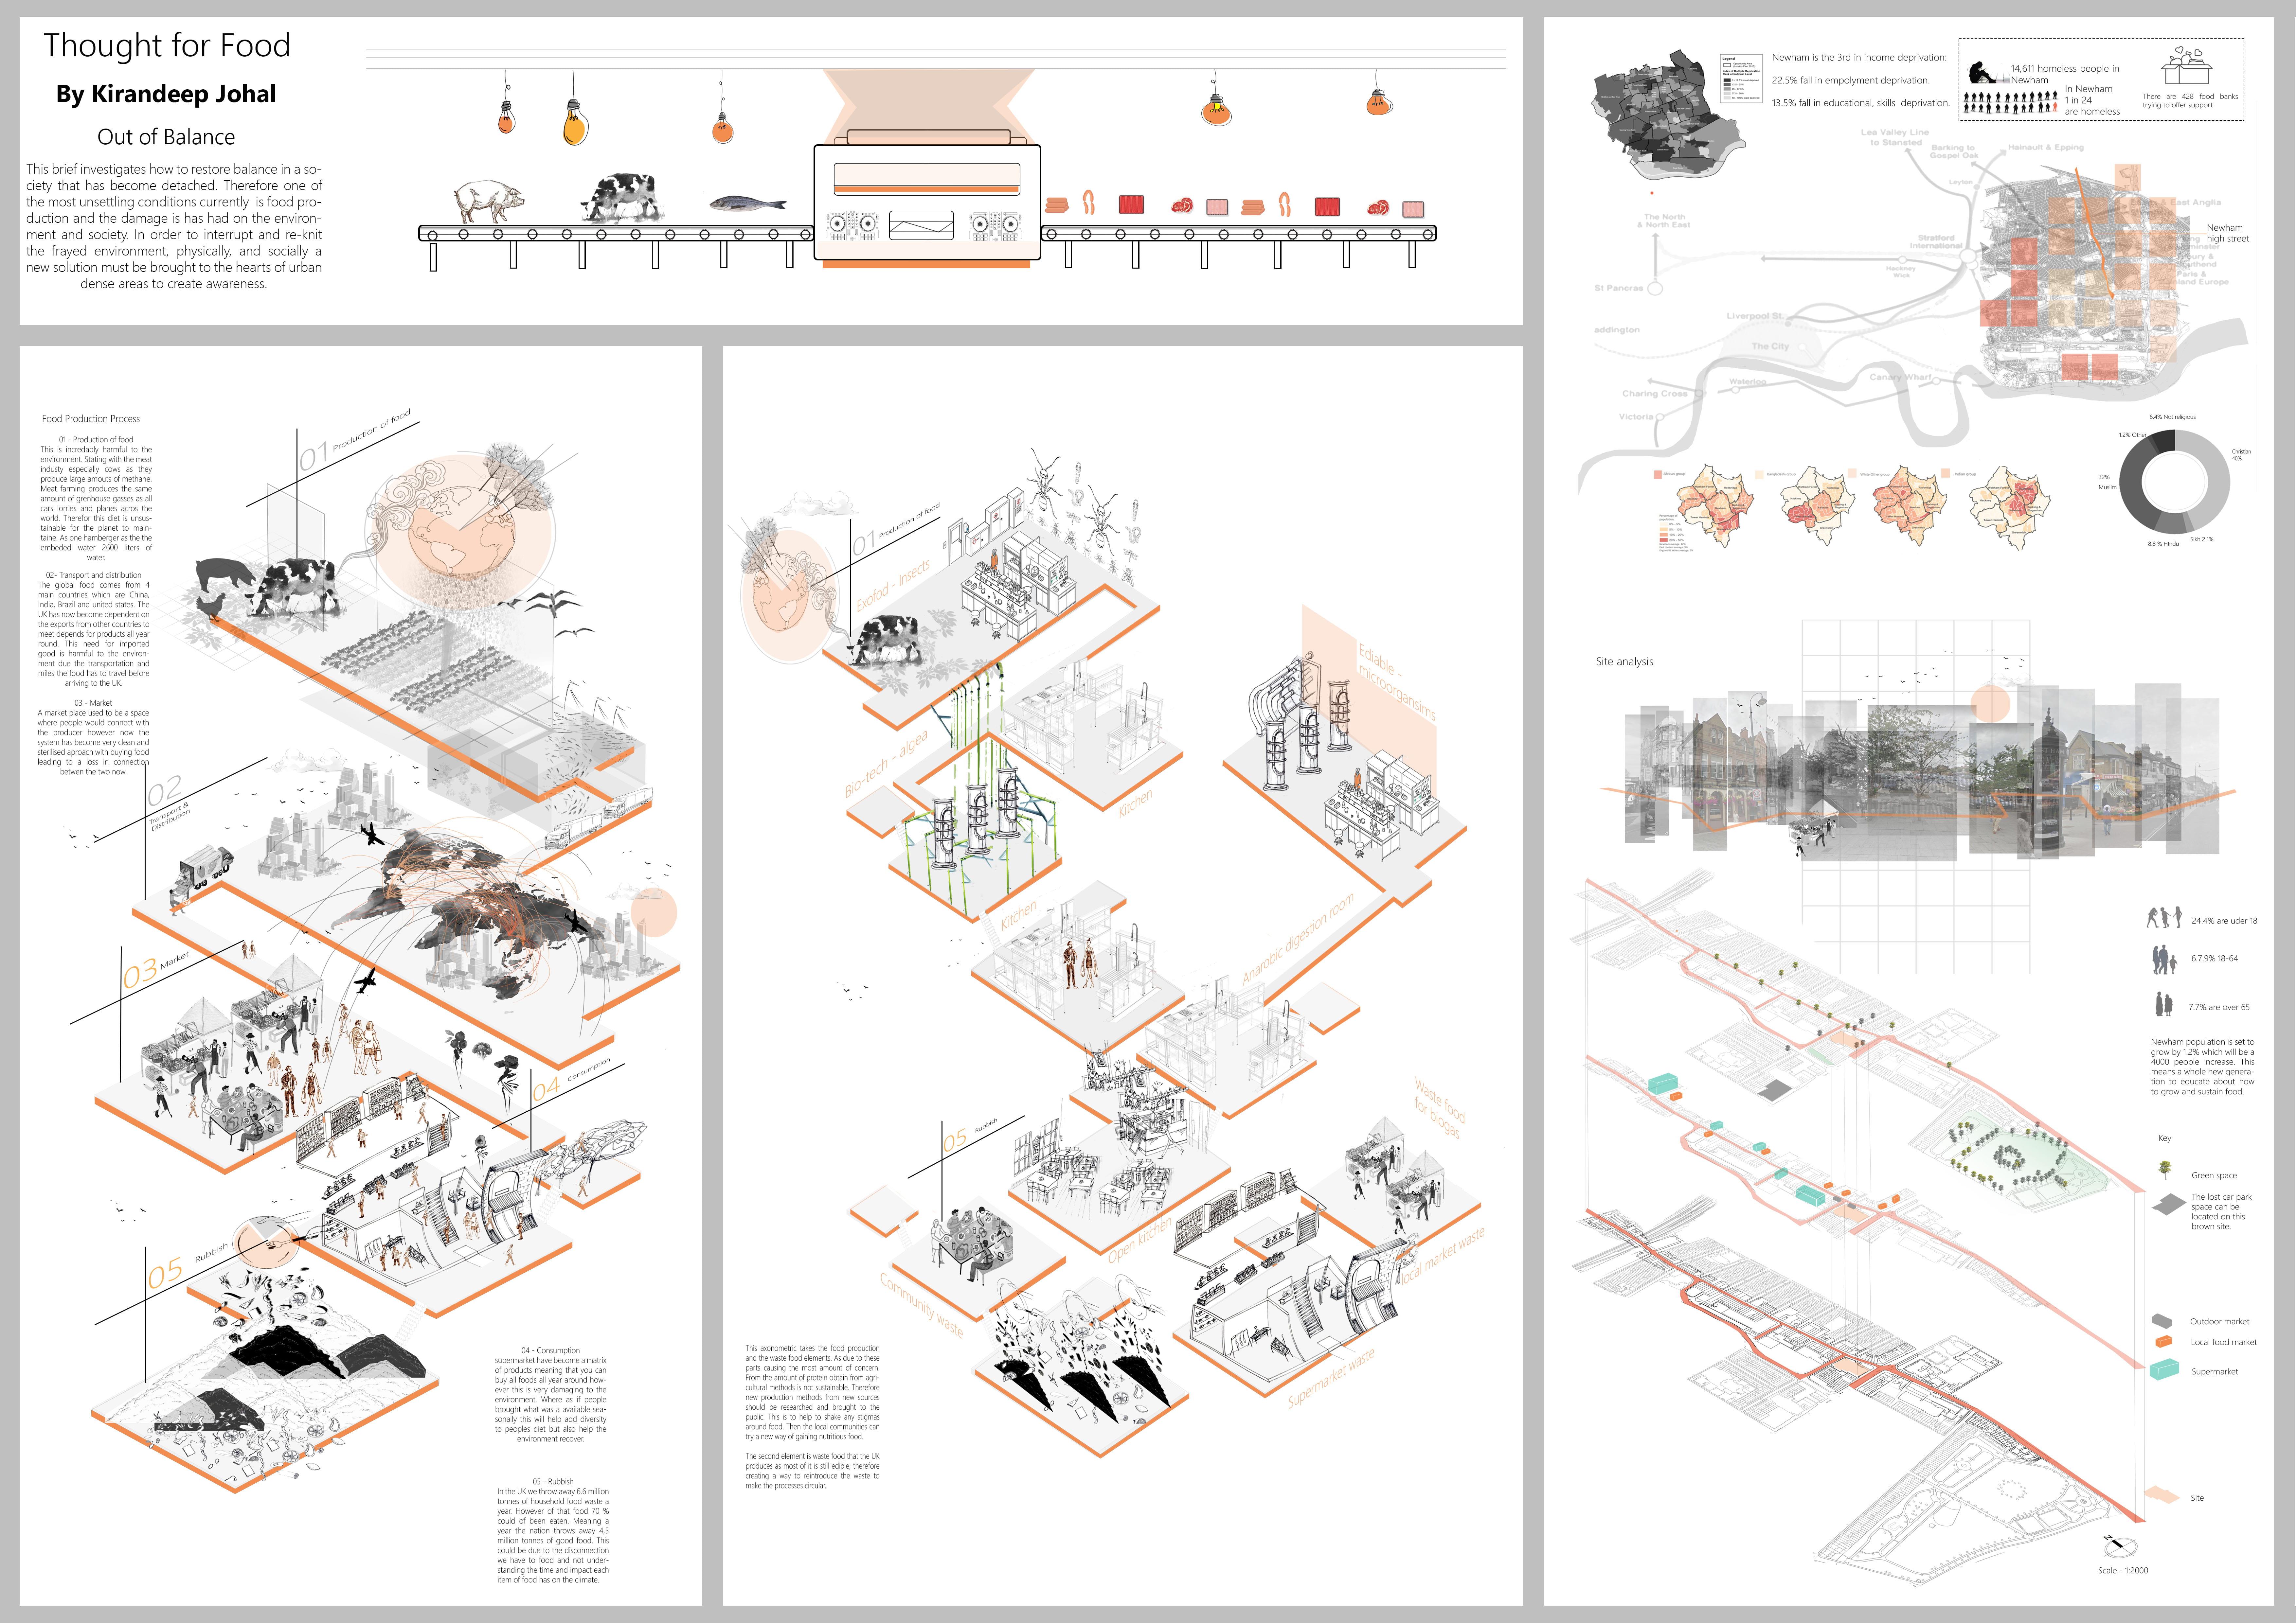 Architectural designs.